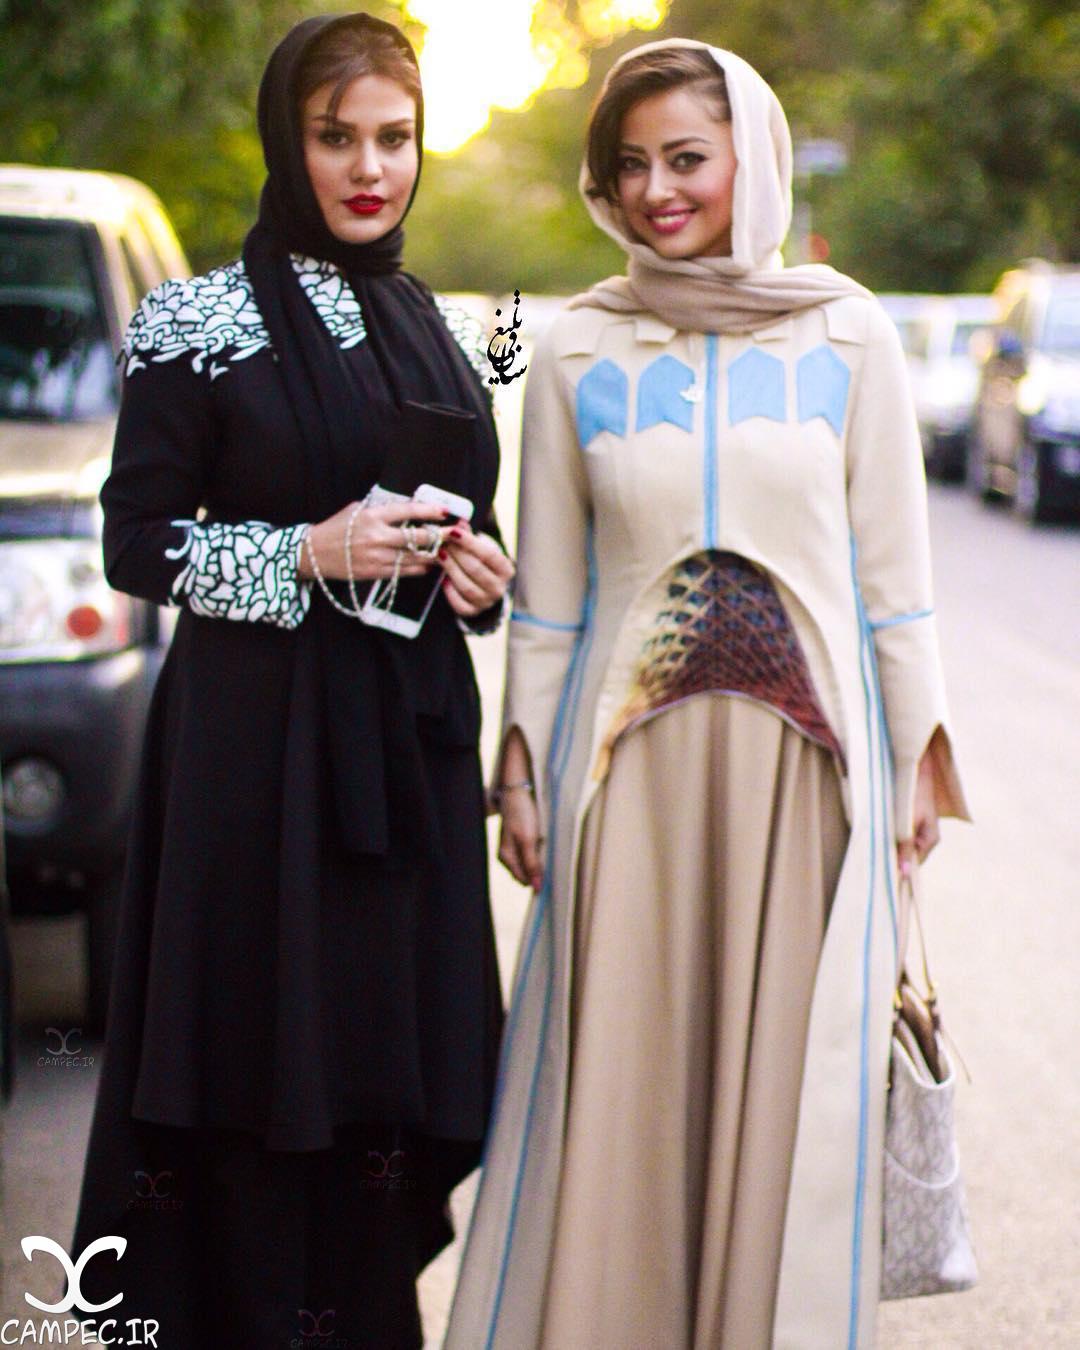 نفیسه روشن و رز رضوی در جشن حافظ